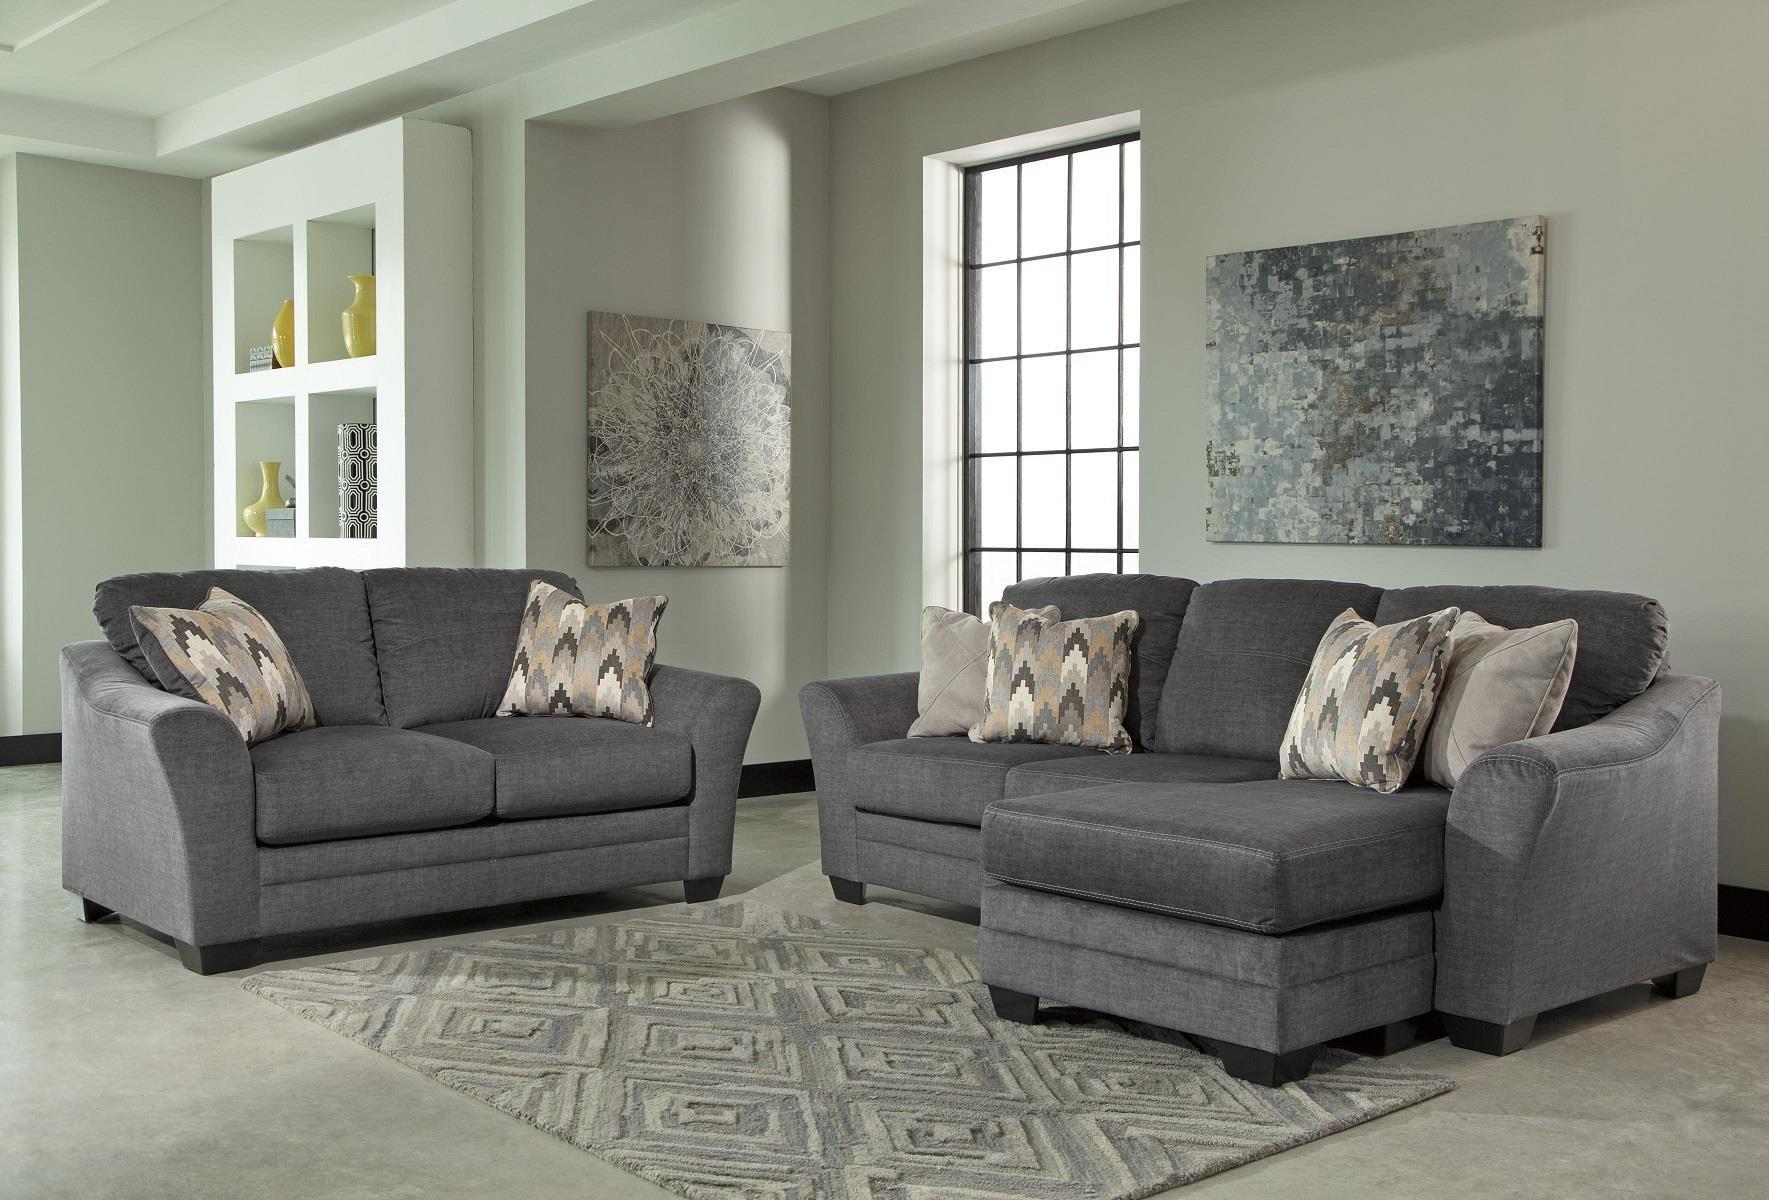 mattresses sofa sets grey living room decor slim 39s home furnishings breckenridge wahpeton fergus